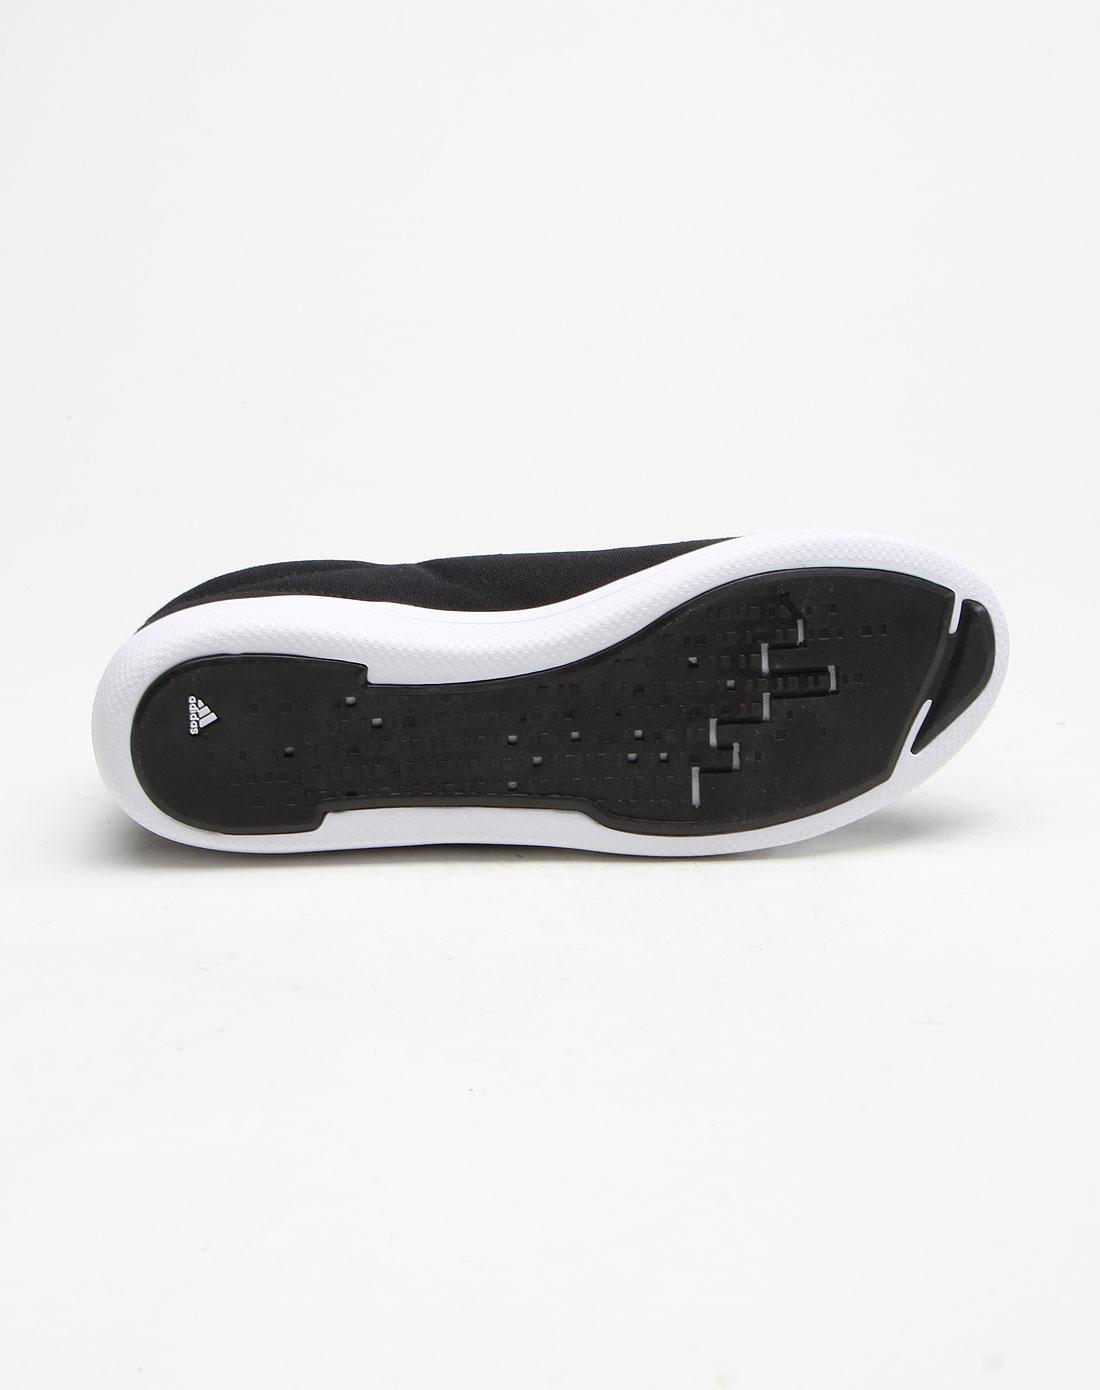 阿迪达斯adidas简约休闲白底黑色运动鞋g50710